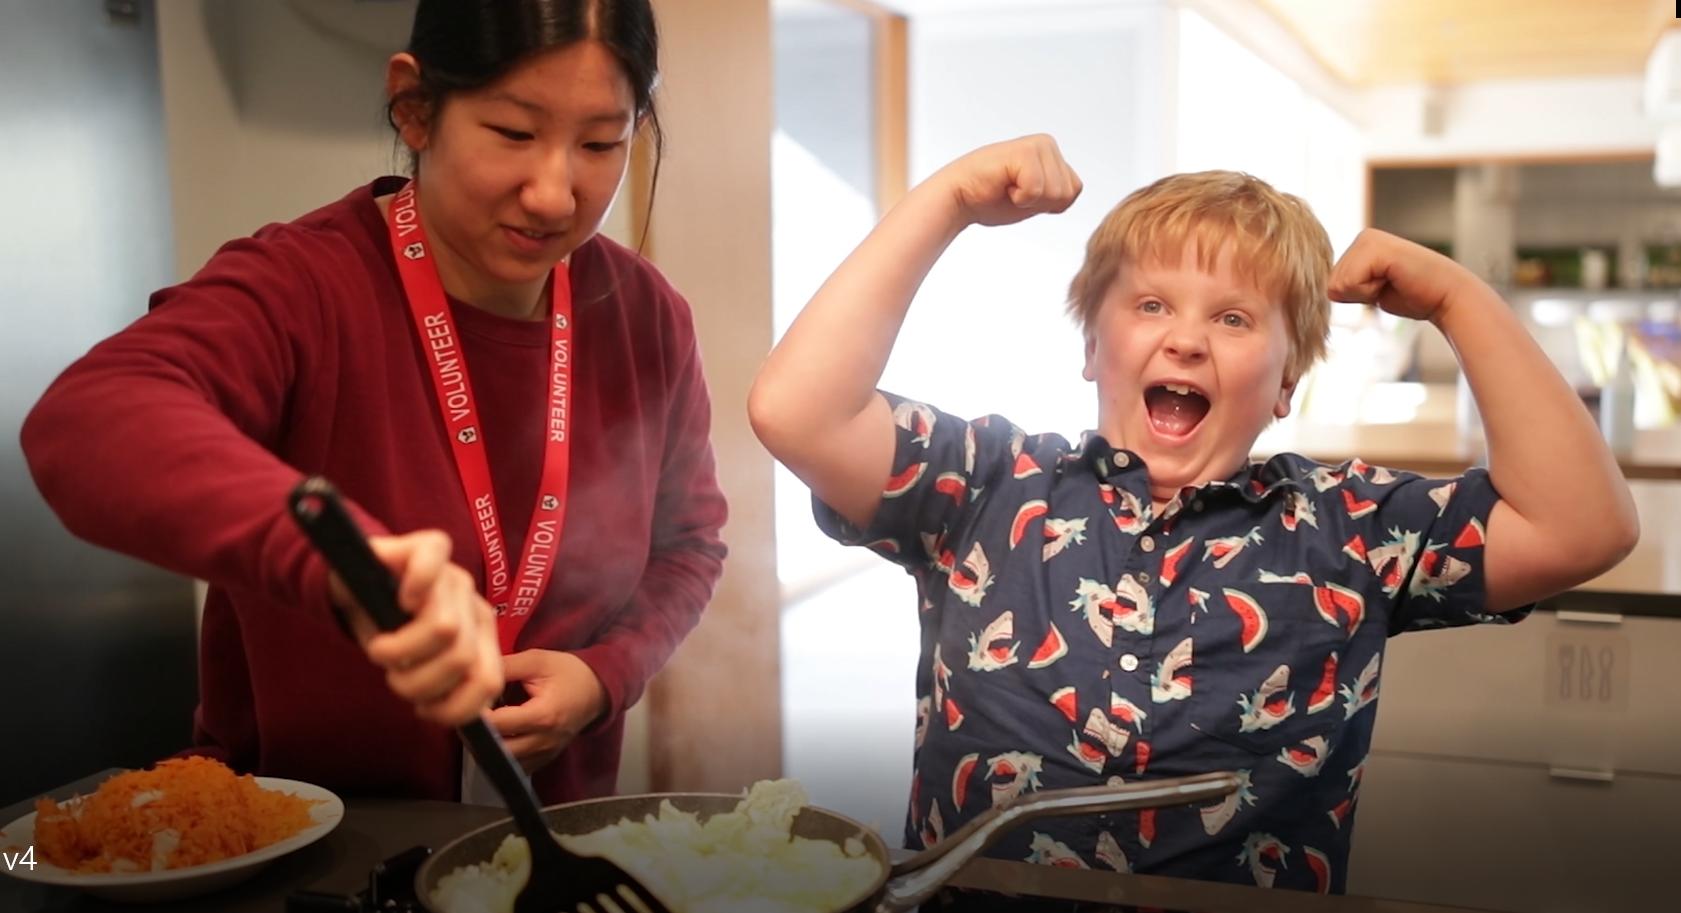 Volunteer and kid cooking